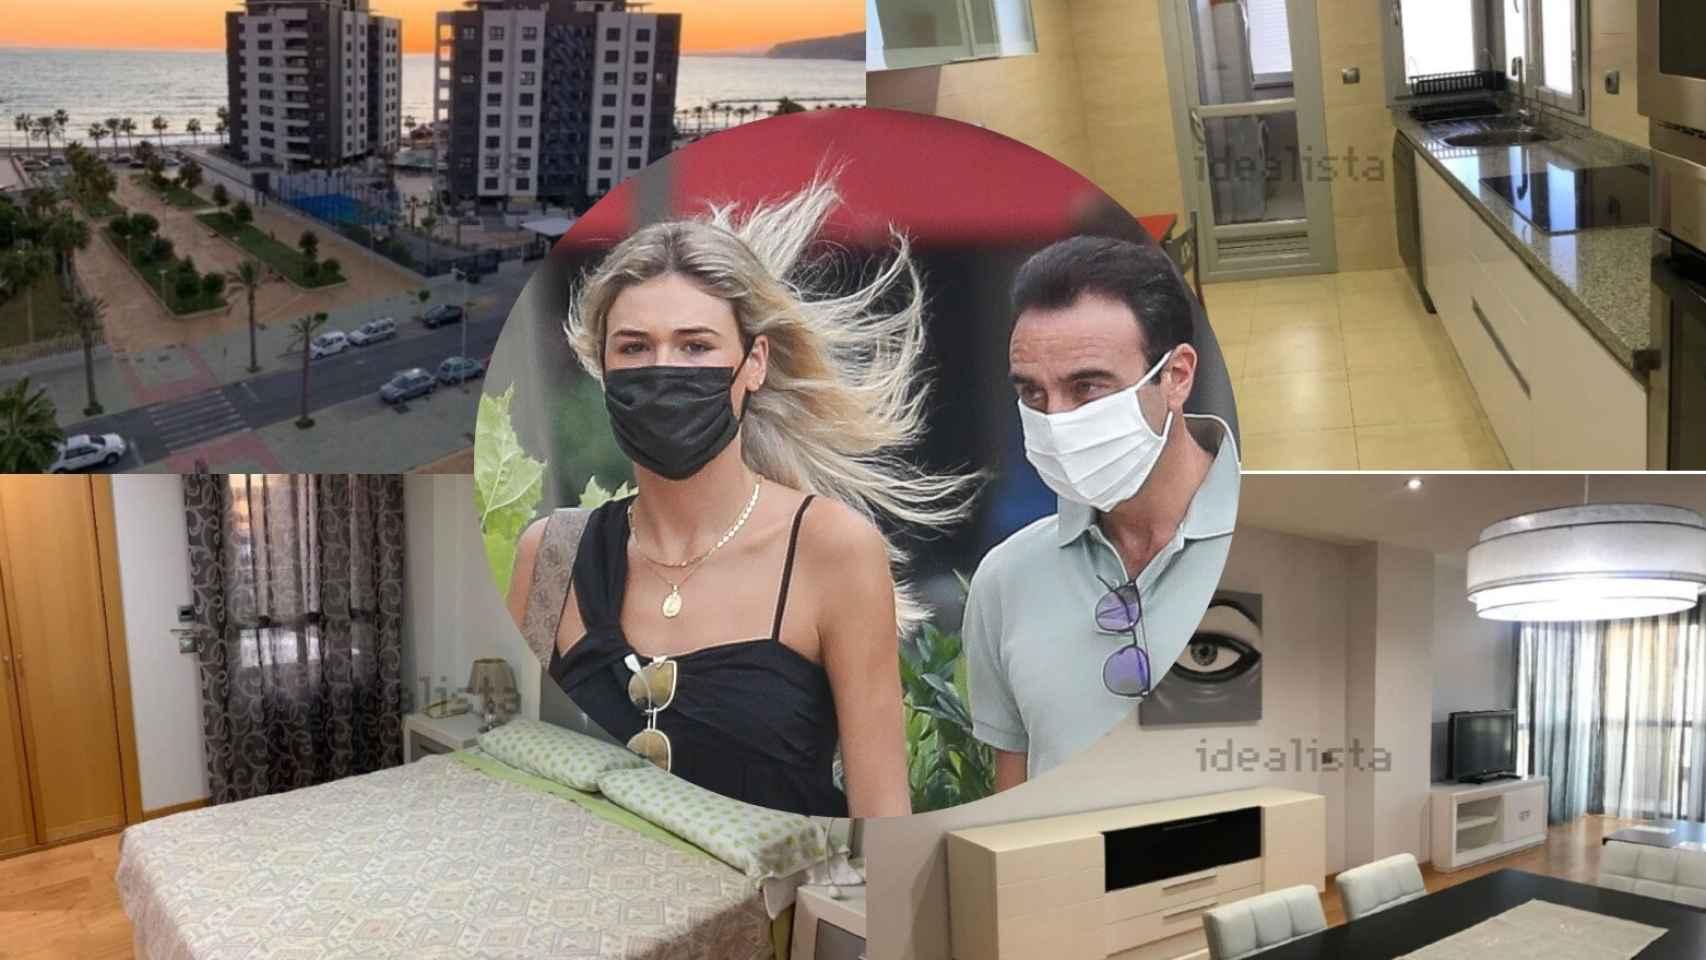 Ana Soria y Enrique Ponce, sobre algunas fotos de su nuevo hogar.